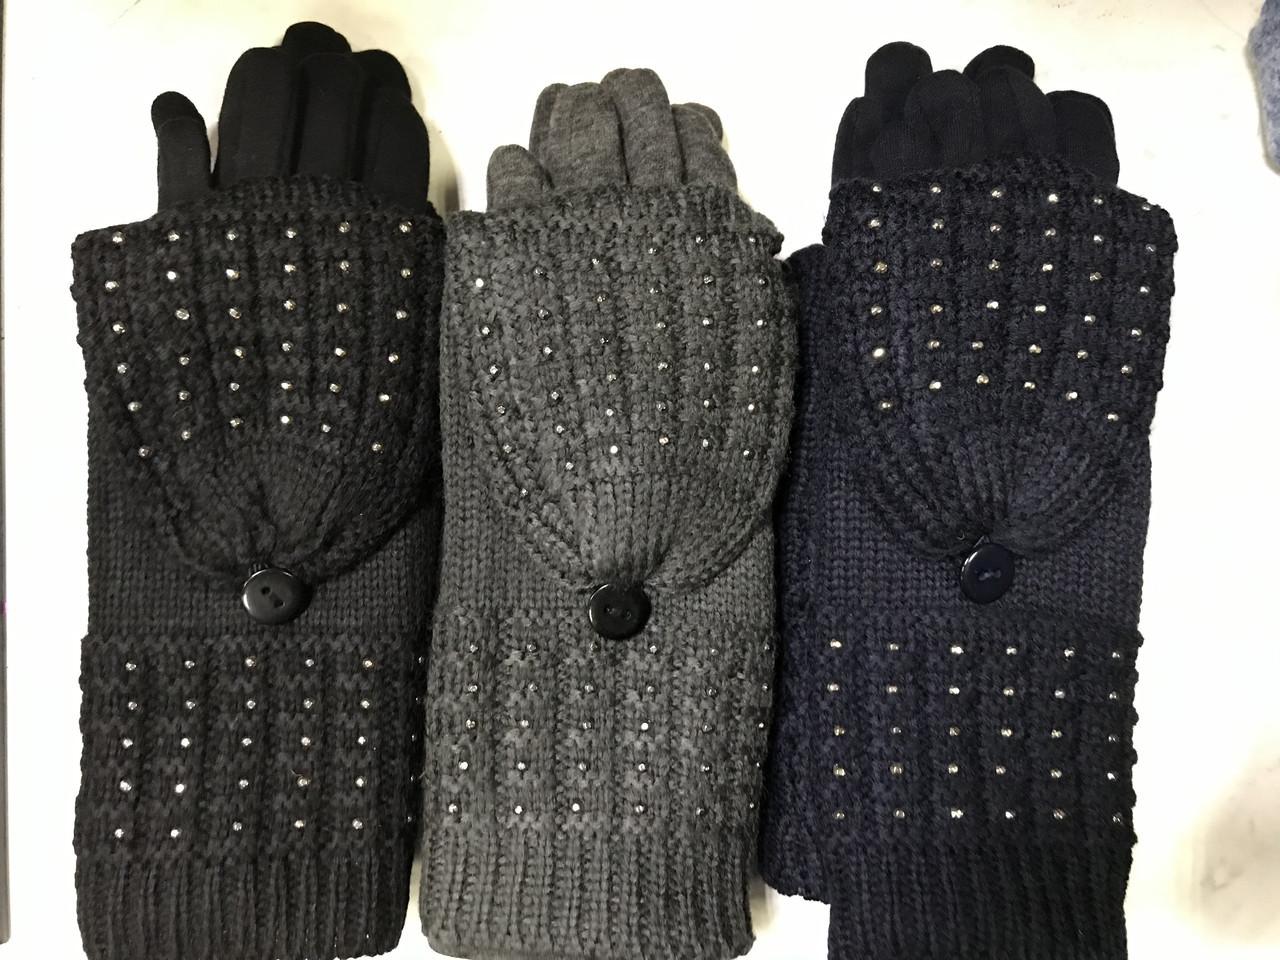 Жіночі комплекти рукавичка+рукавиця сенсор чорні, коричневі і беж